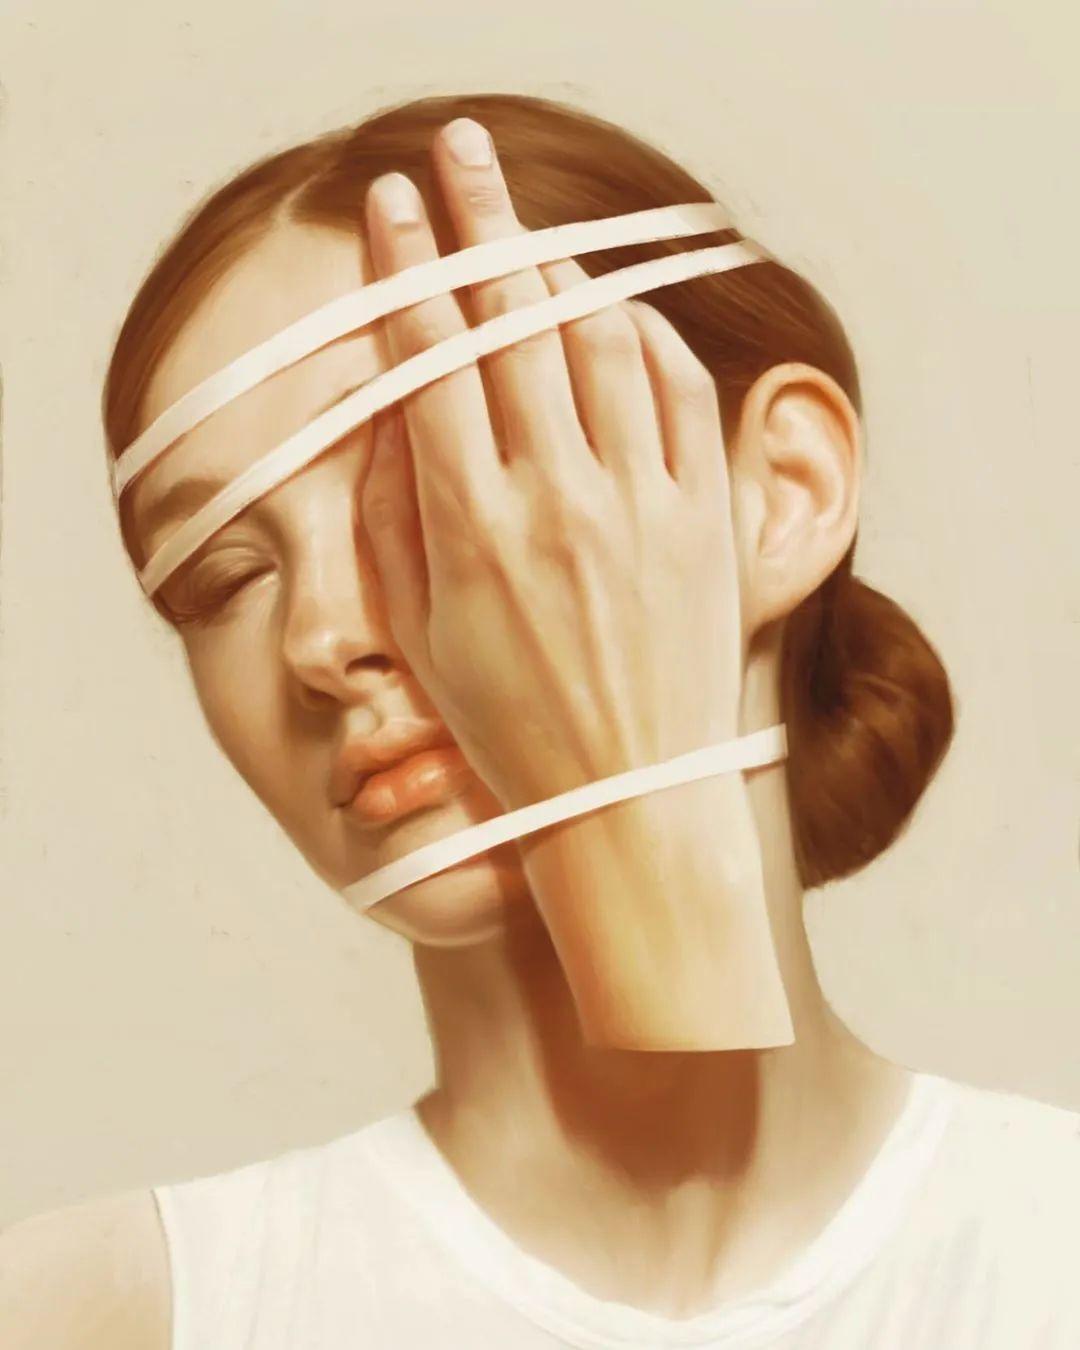 令人惊异的超现实主义肖像画,好有创意!插图5